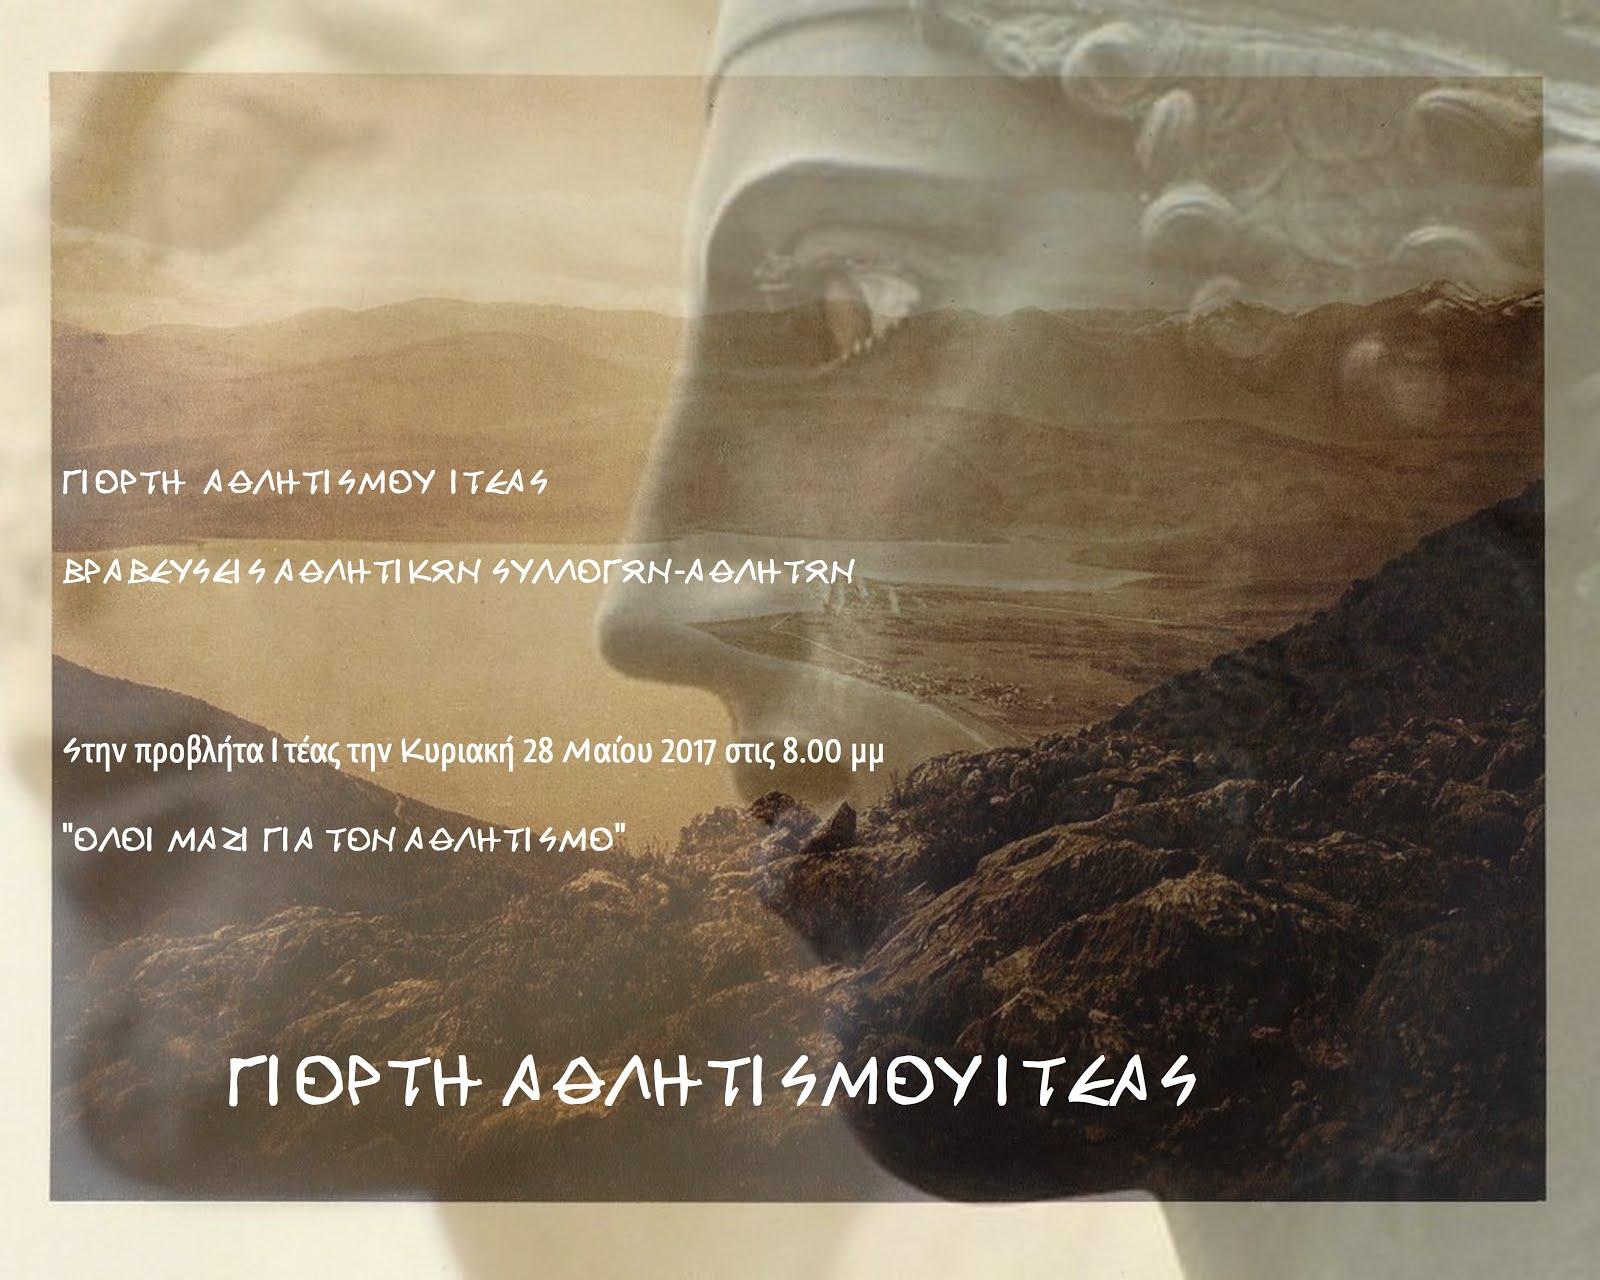 ΓΙΟΡΤΗ ΑΘΛΗΤΙΣΜΟΥ ΙΤΕΑΣ-ΚΥΡΙΑΚΗ 28/5